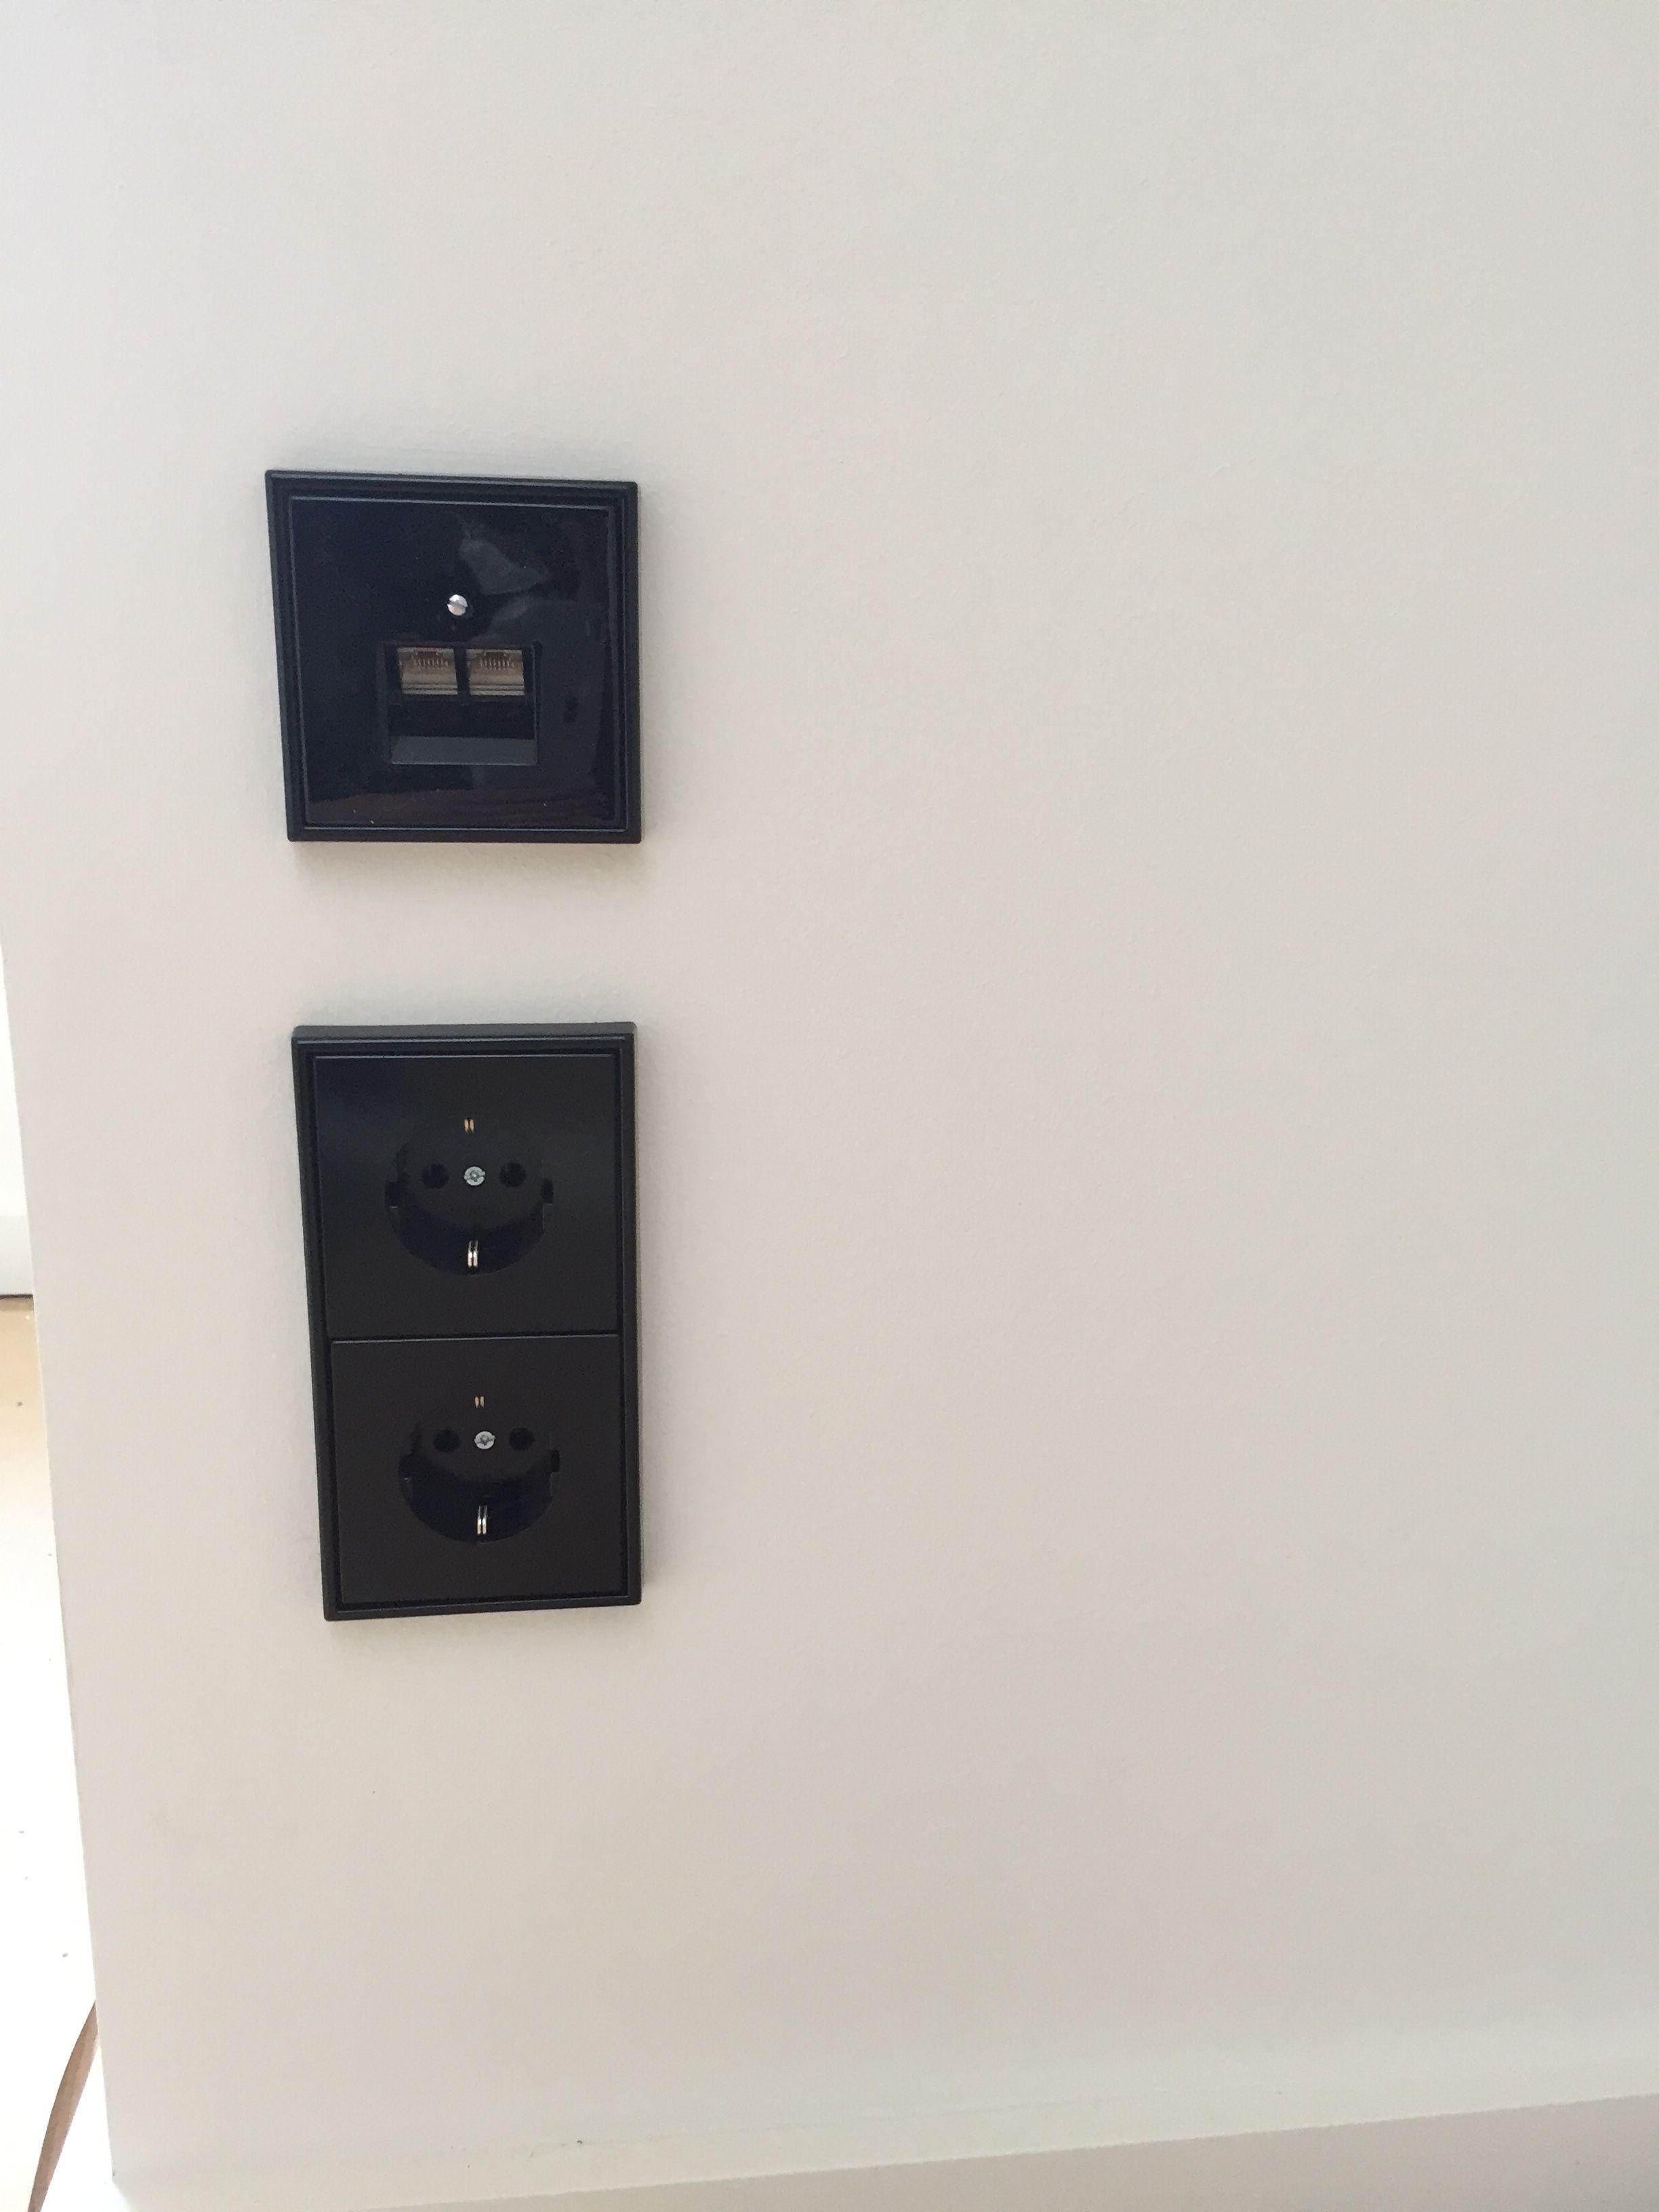 Schalter Und Steckdosen Und Eine Netzwerkdose Von Jung Ls990 In Schwarz Schalter Und Steckdosen Steckdosen Und Lichtschalter Steckdosen